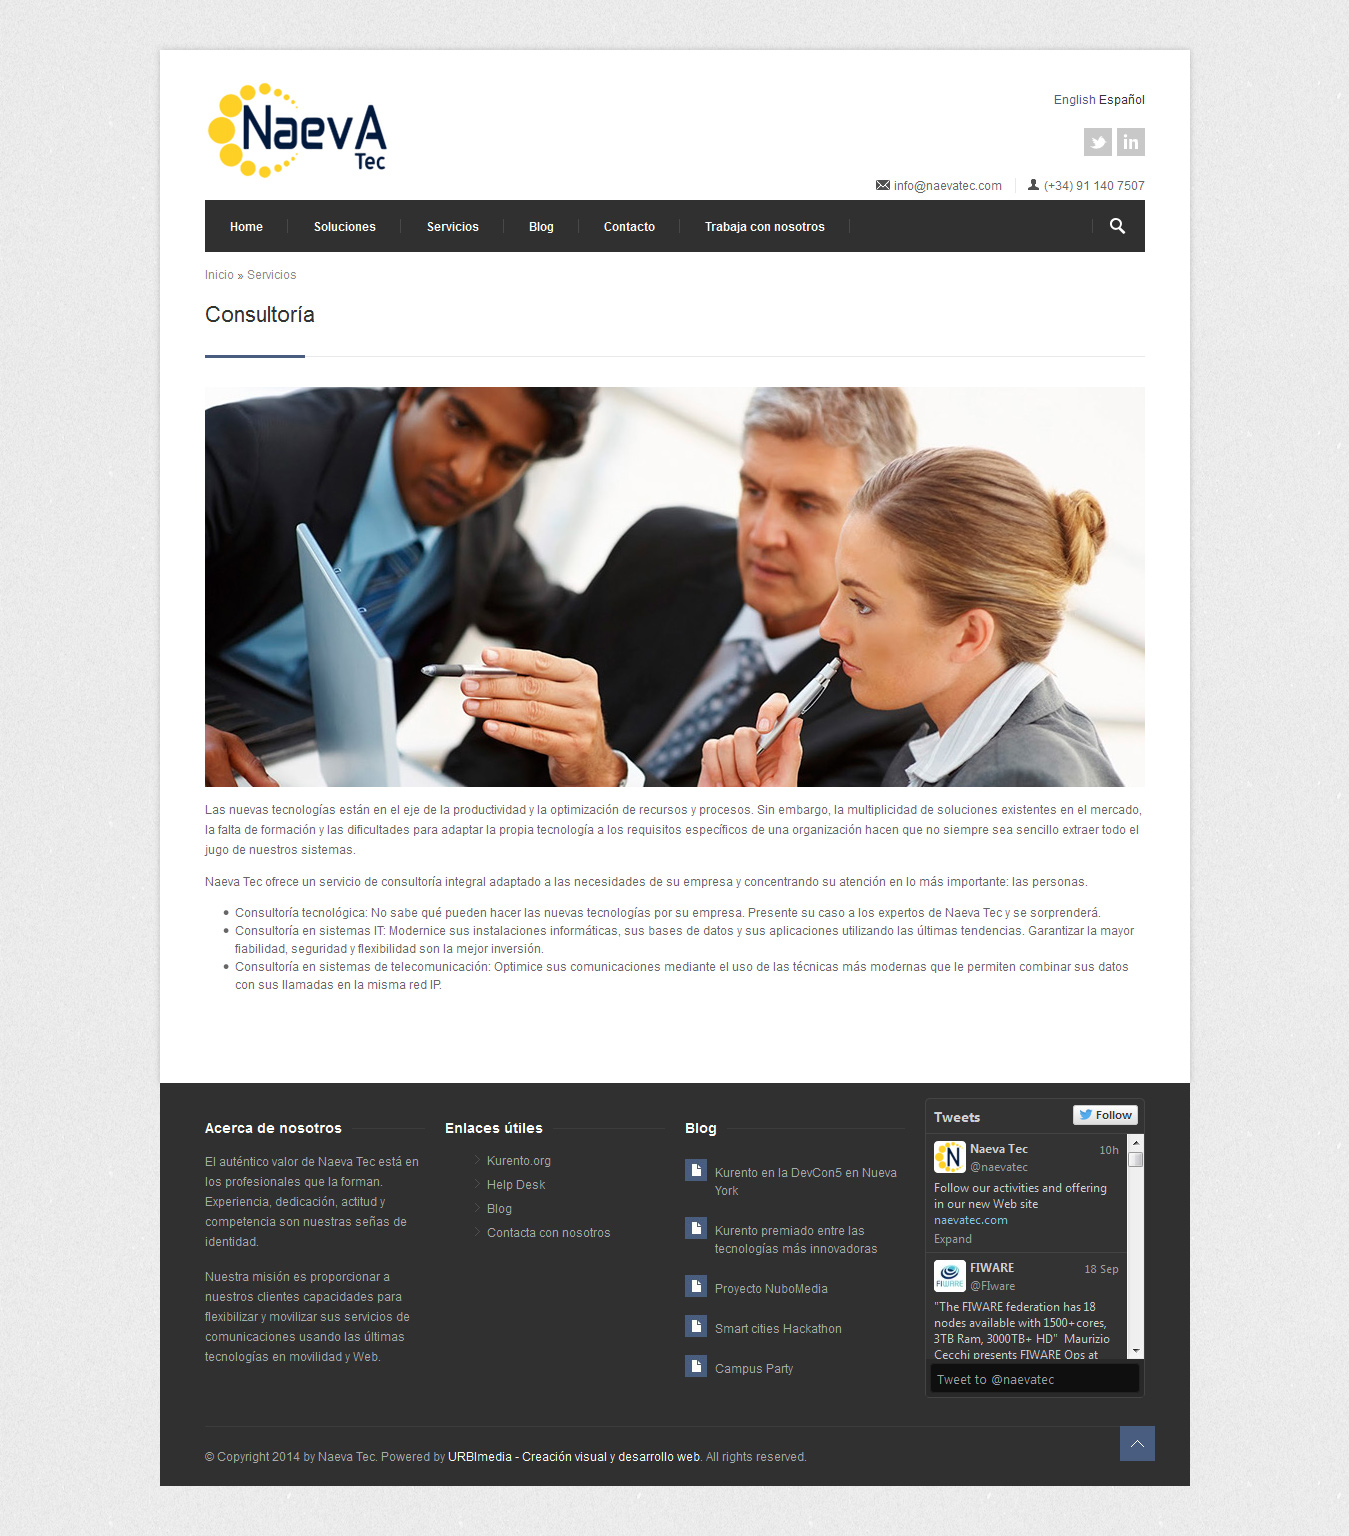 Naevatec - Consultoría